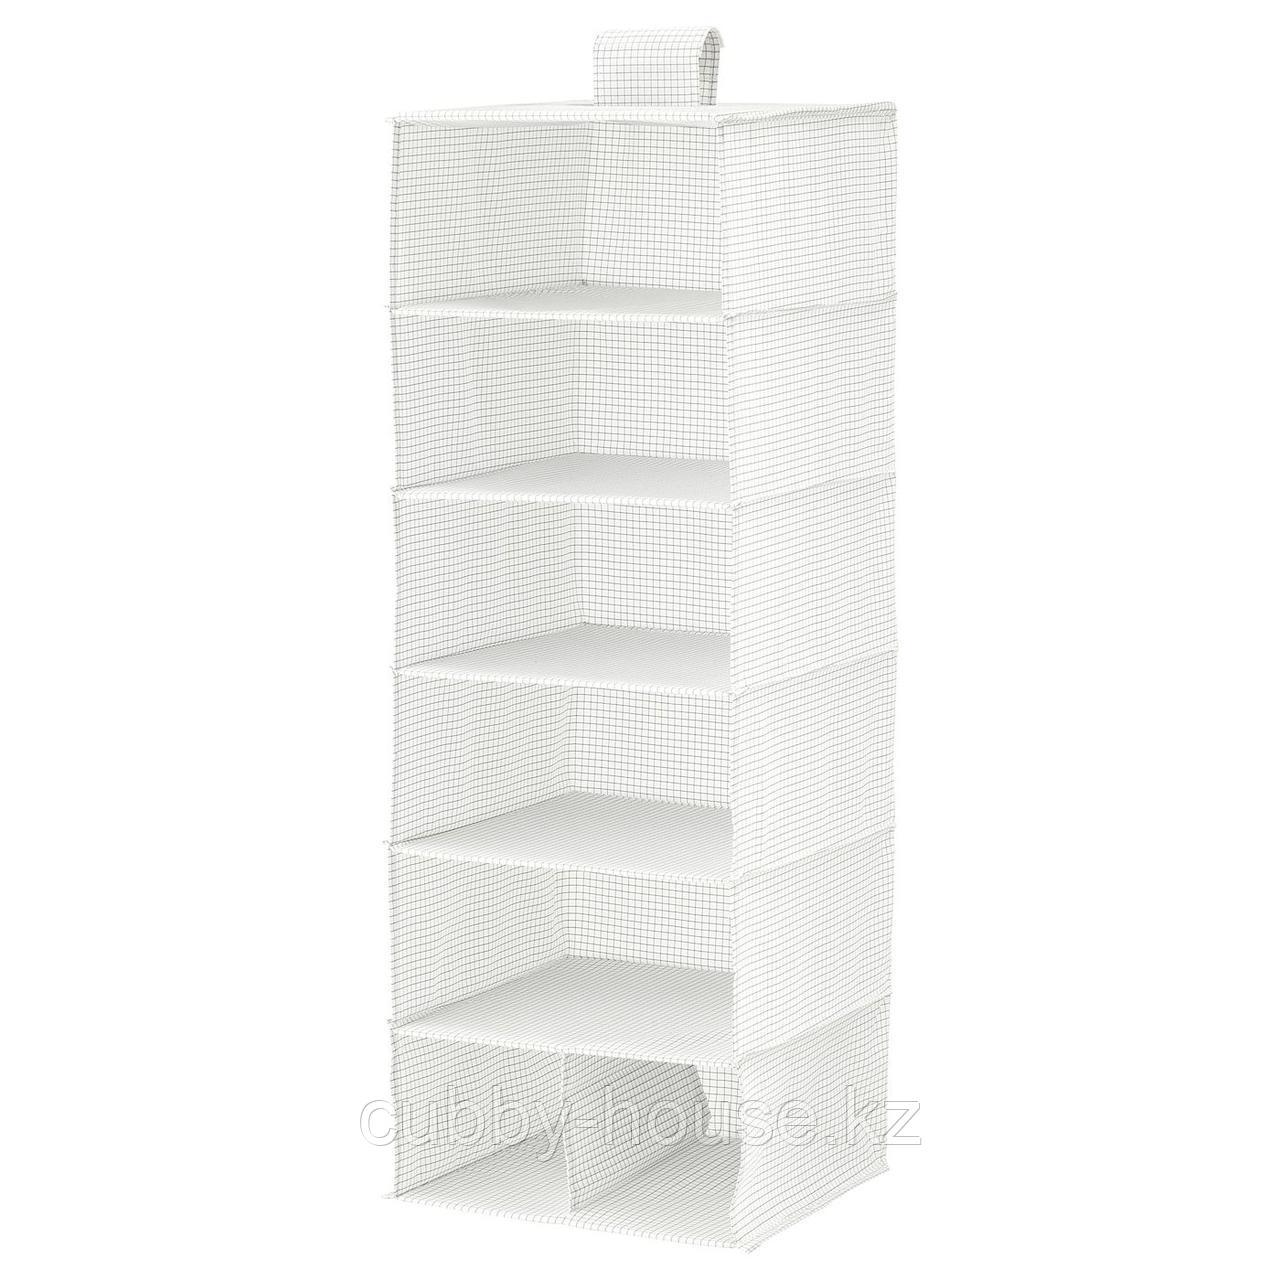 СТУК Модуль для хранения/7 отделений, белый/серый, 30x30x90 см